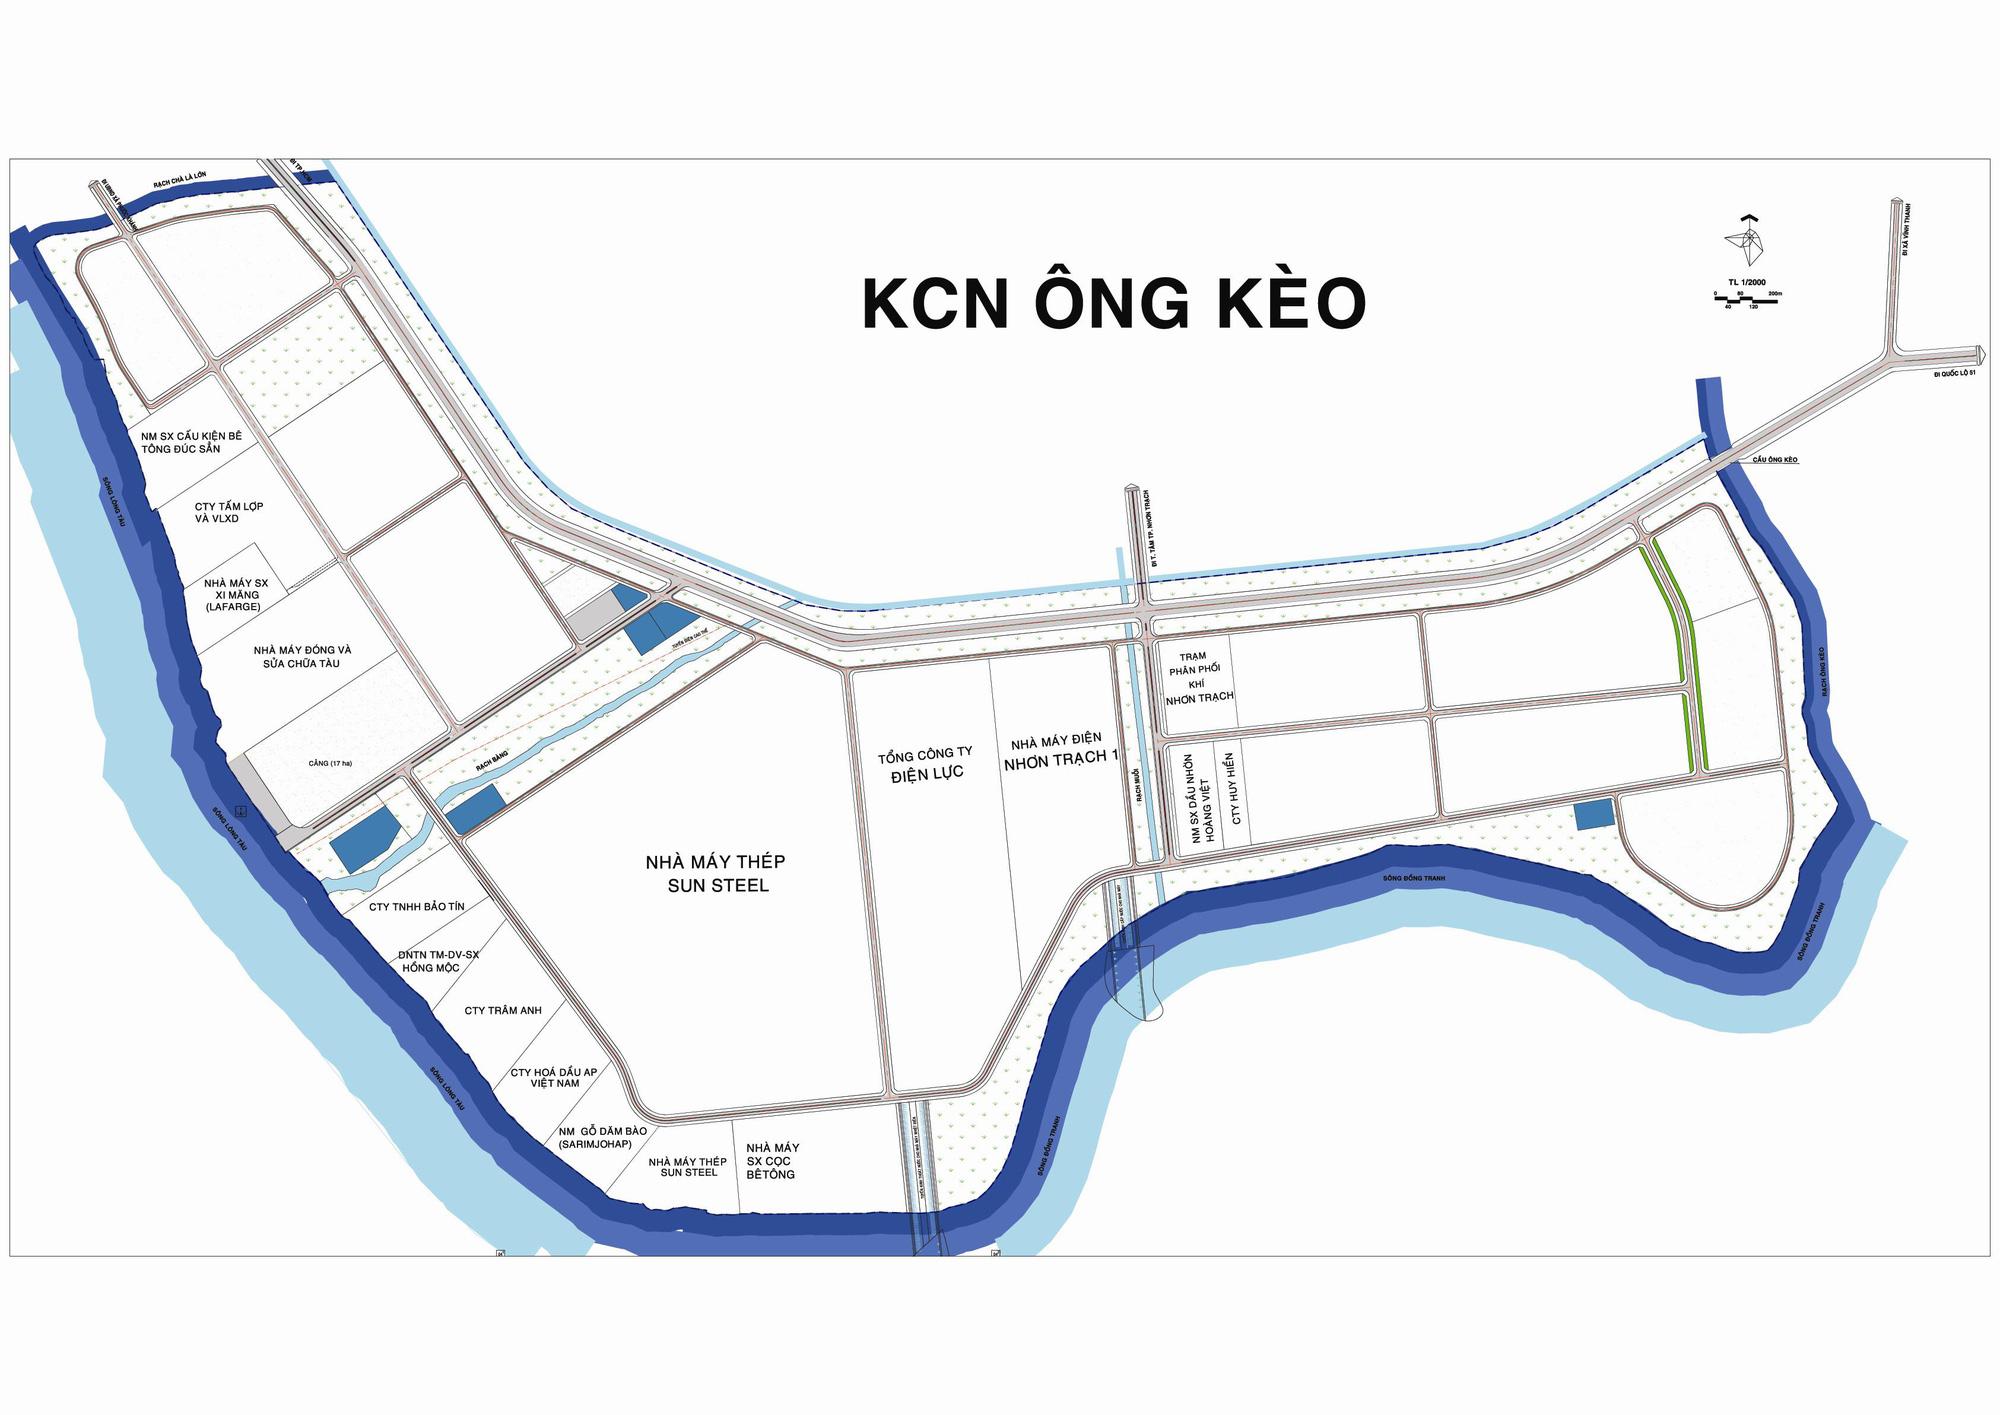 KCN_Ong_Keo